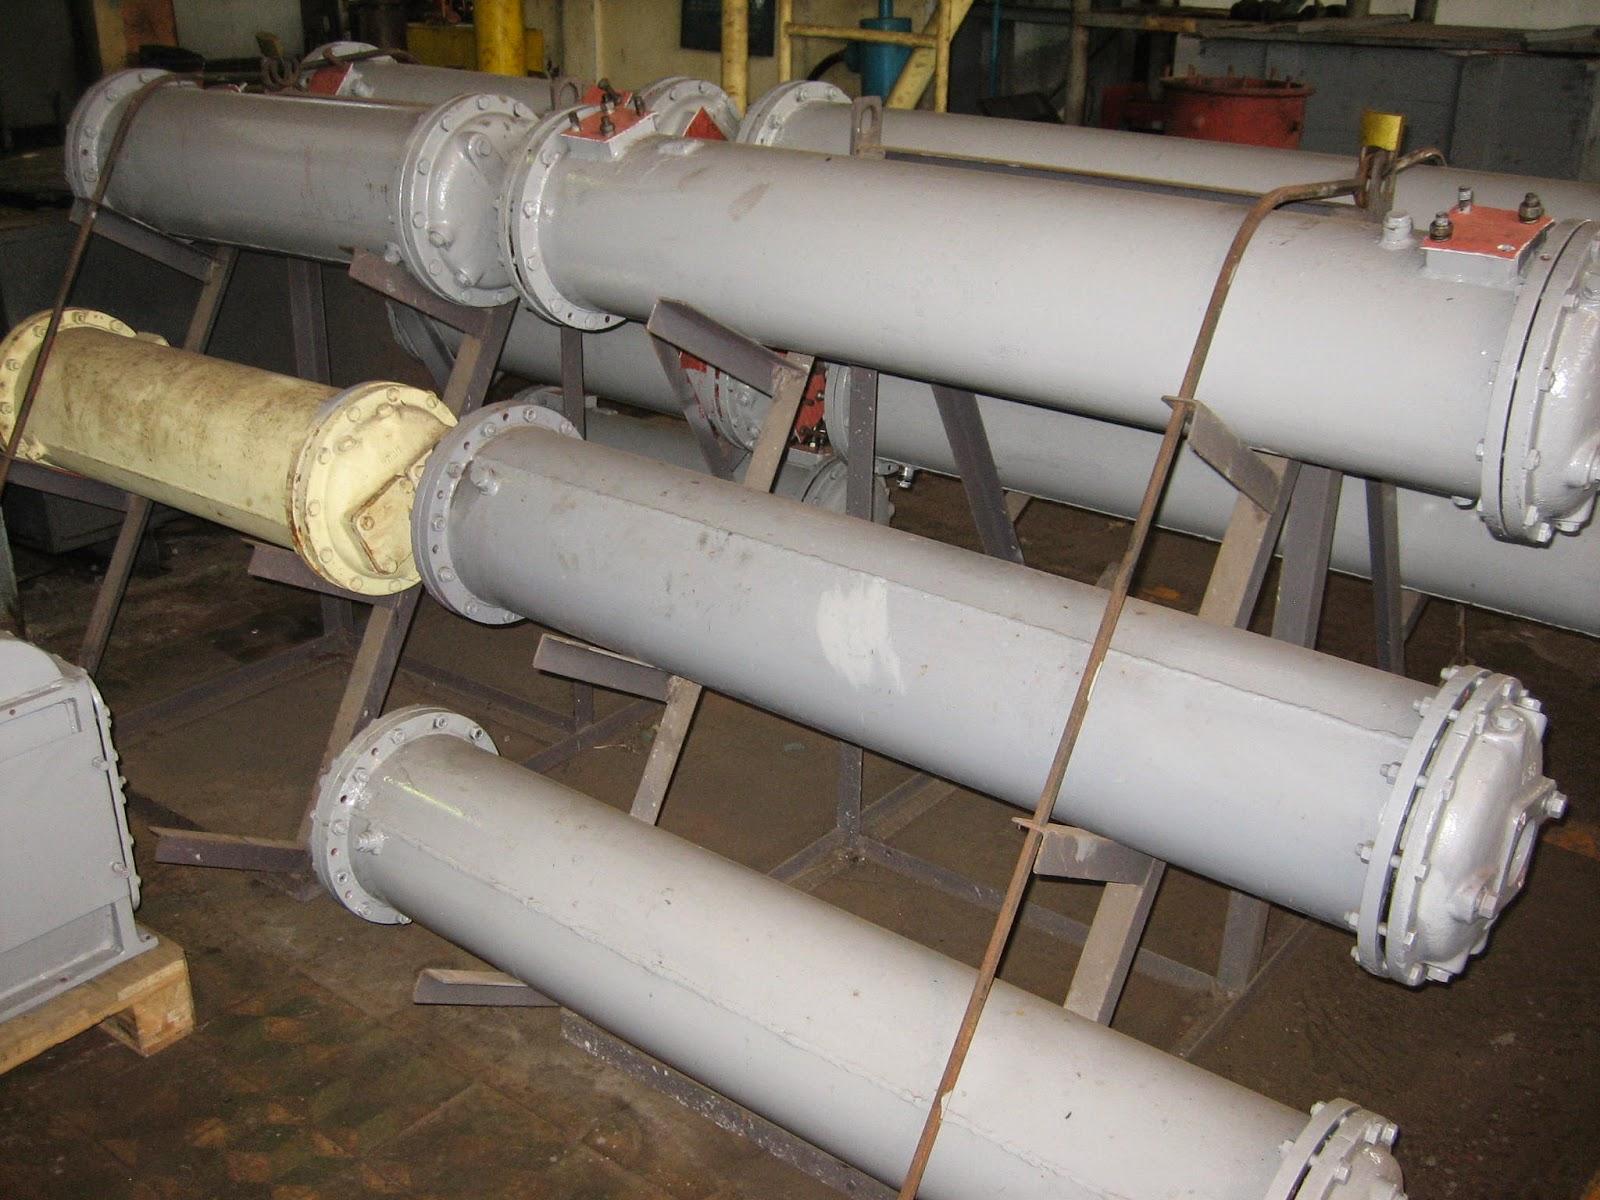 Tẩy cặn két nước làm mát - Tẩy cáu cặn sinh hàn - Tẩy cặn Bình ngưng Bau%2Bngung-Ket%2Bnuoc-Sinh%2Bhan-IMG_5088